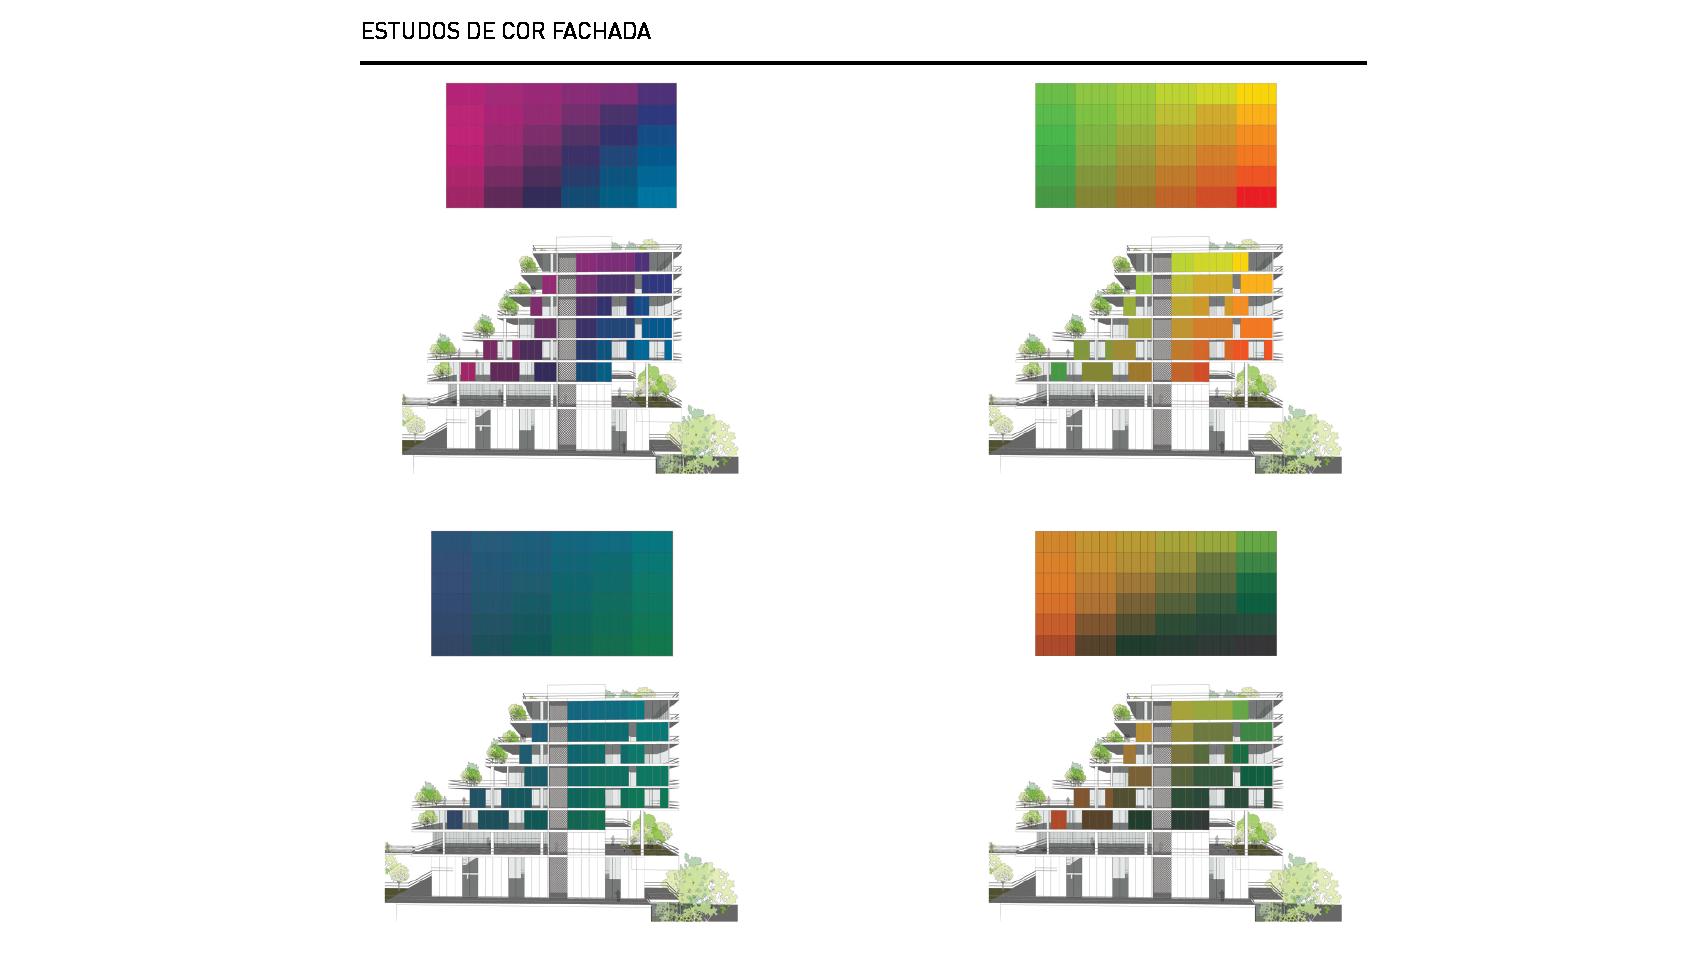 estudo de cor - fachada-01-01-01.png